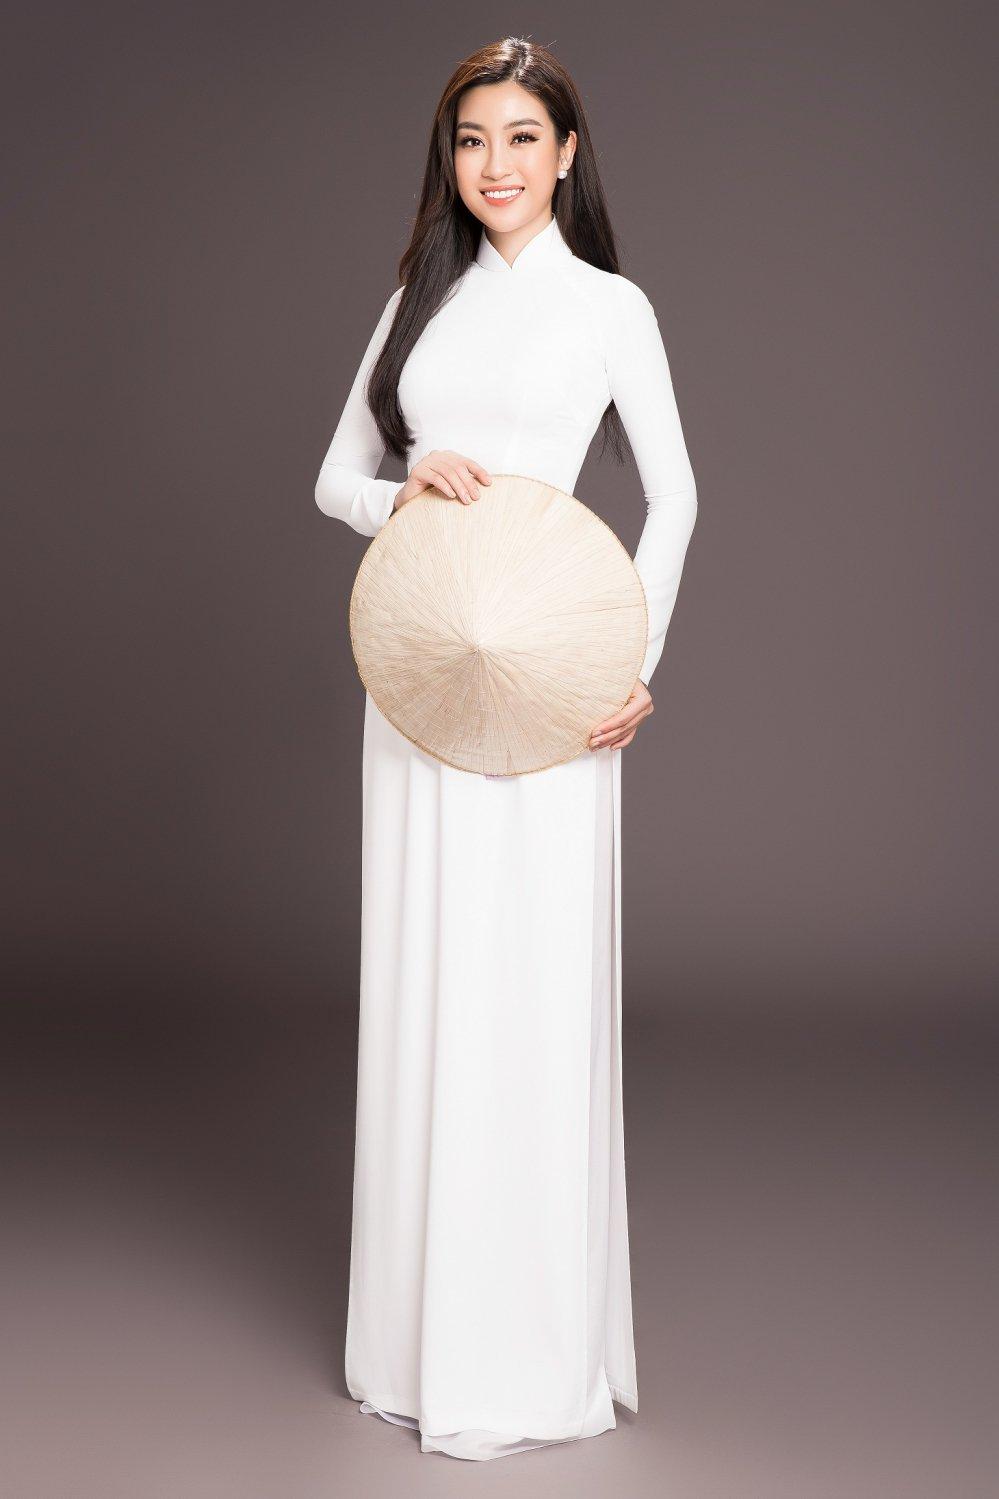 Kết quả hình ảnh cho đỗ mỹ linh mặc áo dài trắng